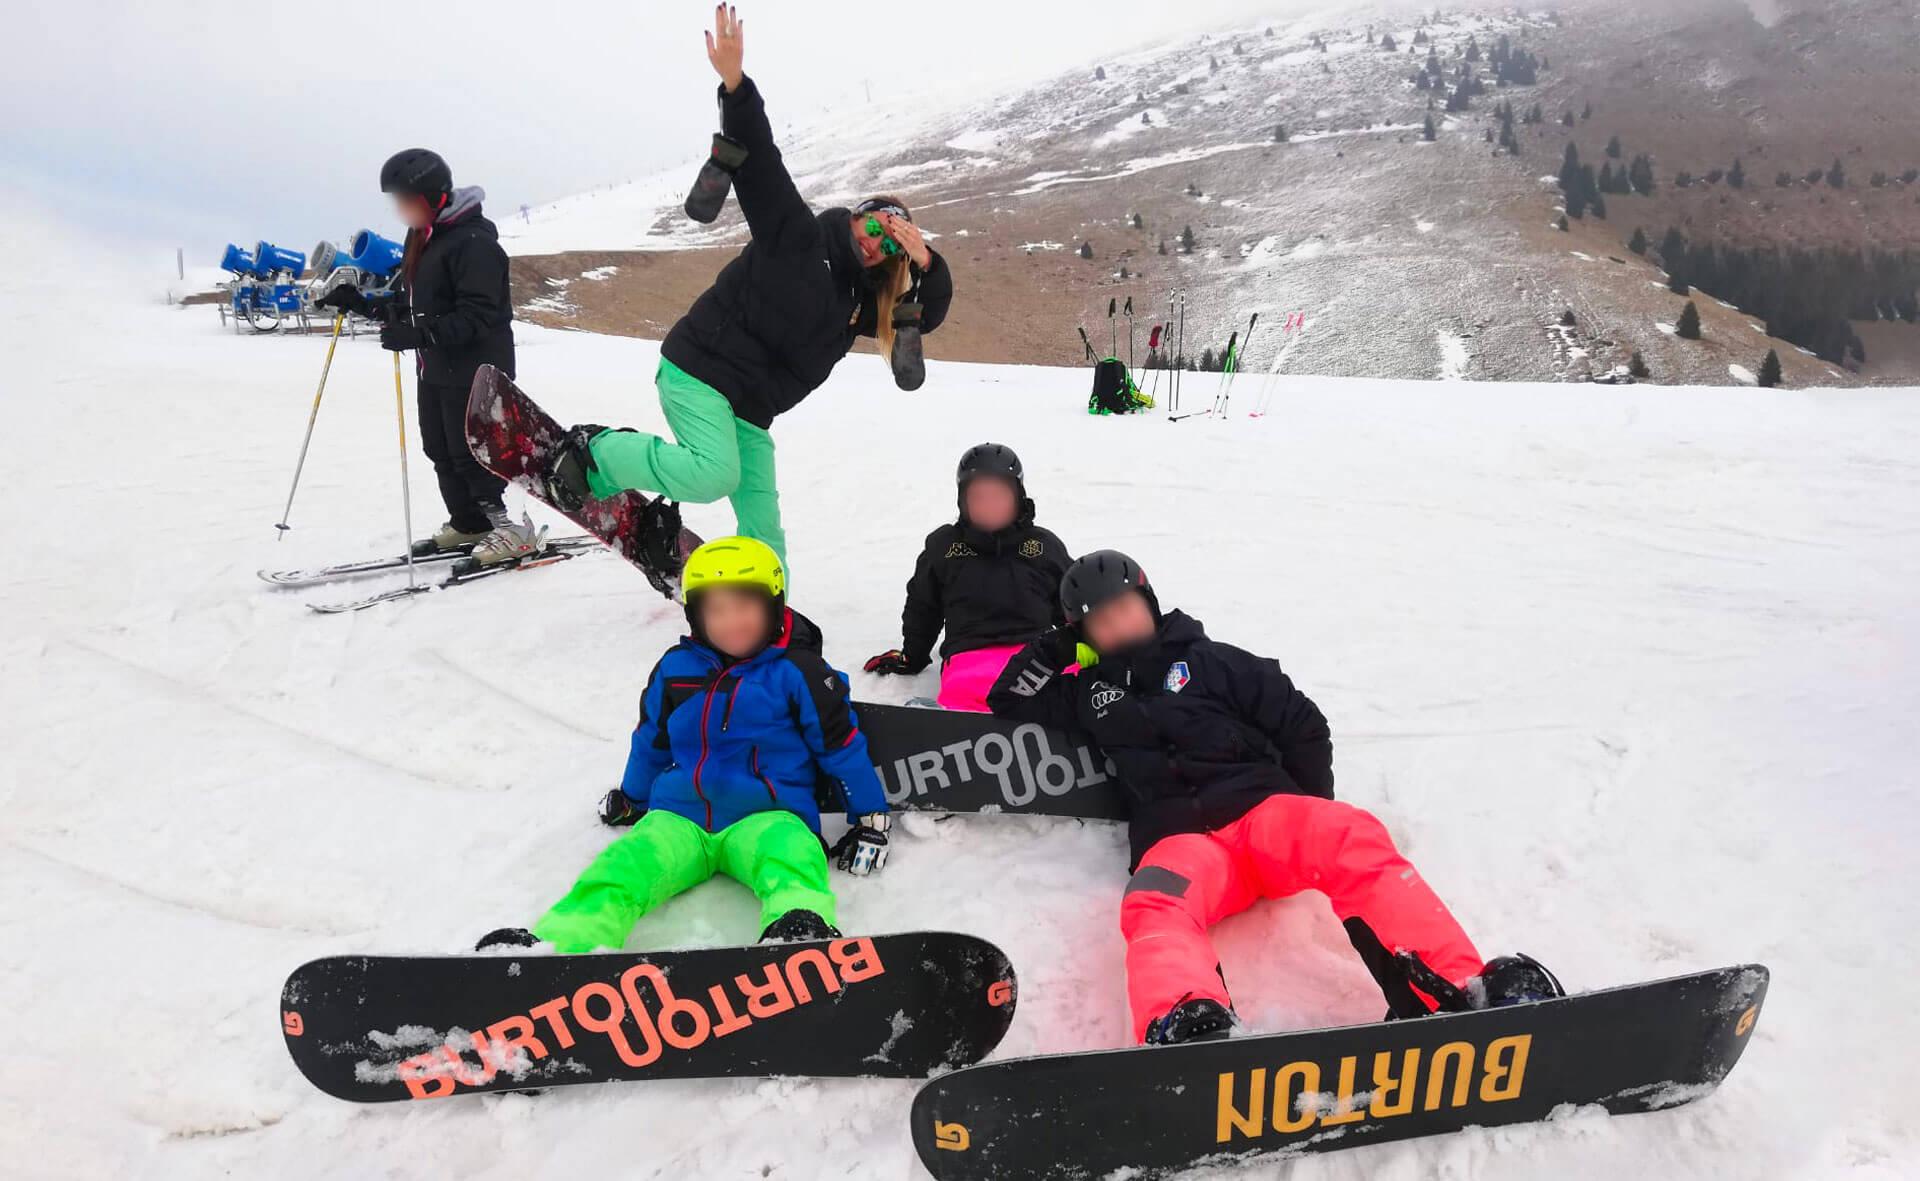 Scuola di sci per adulti e bambini